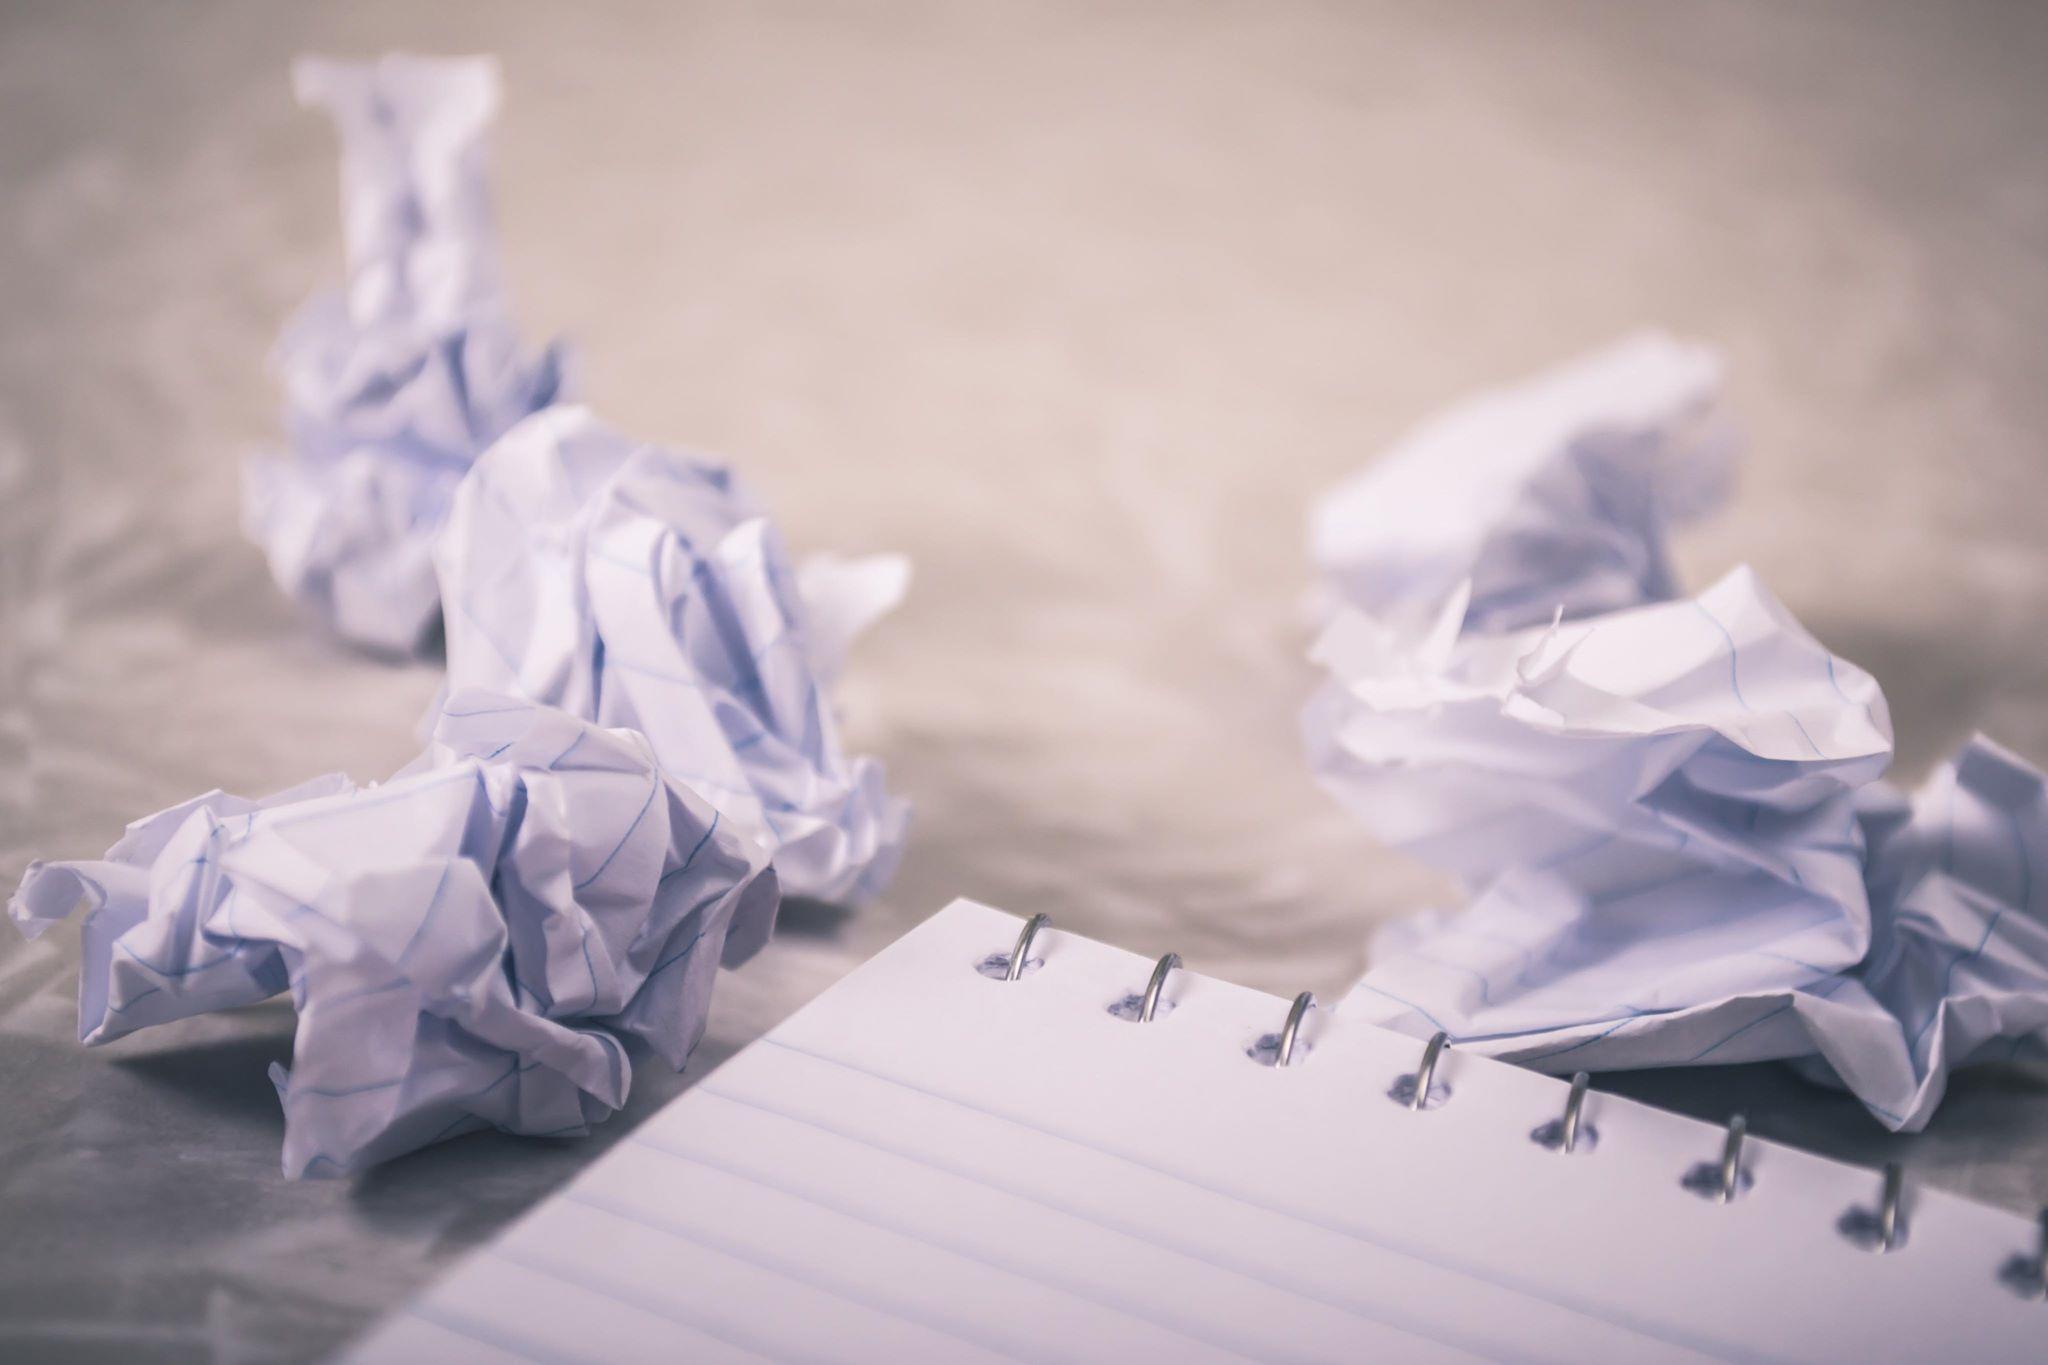 Billede af sammenkrøllet notespapir